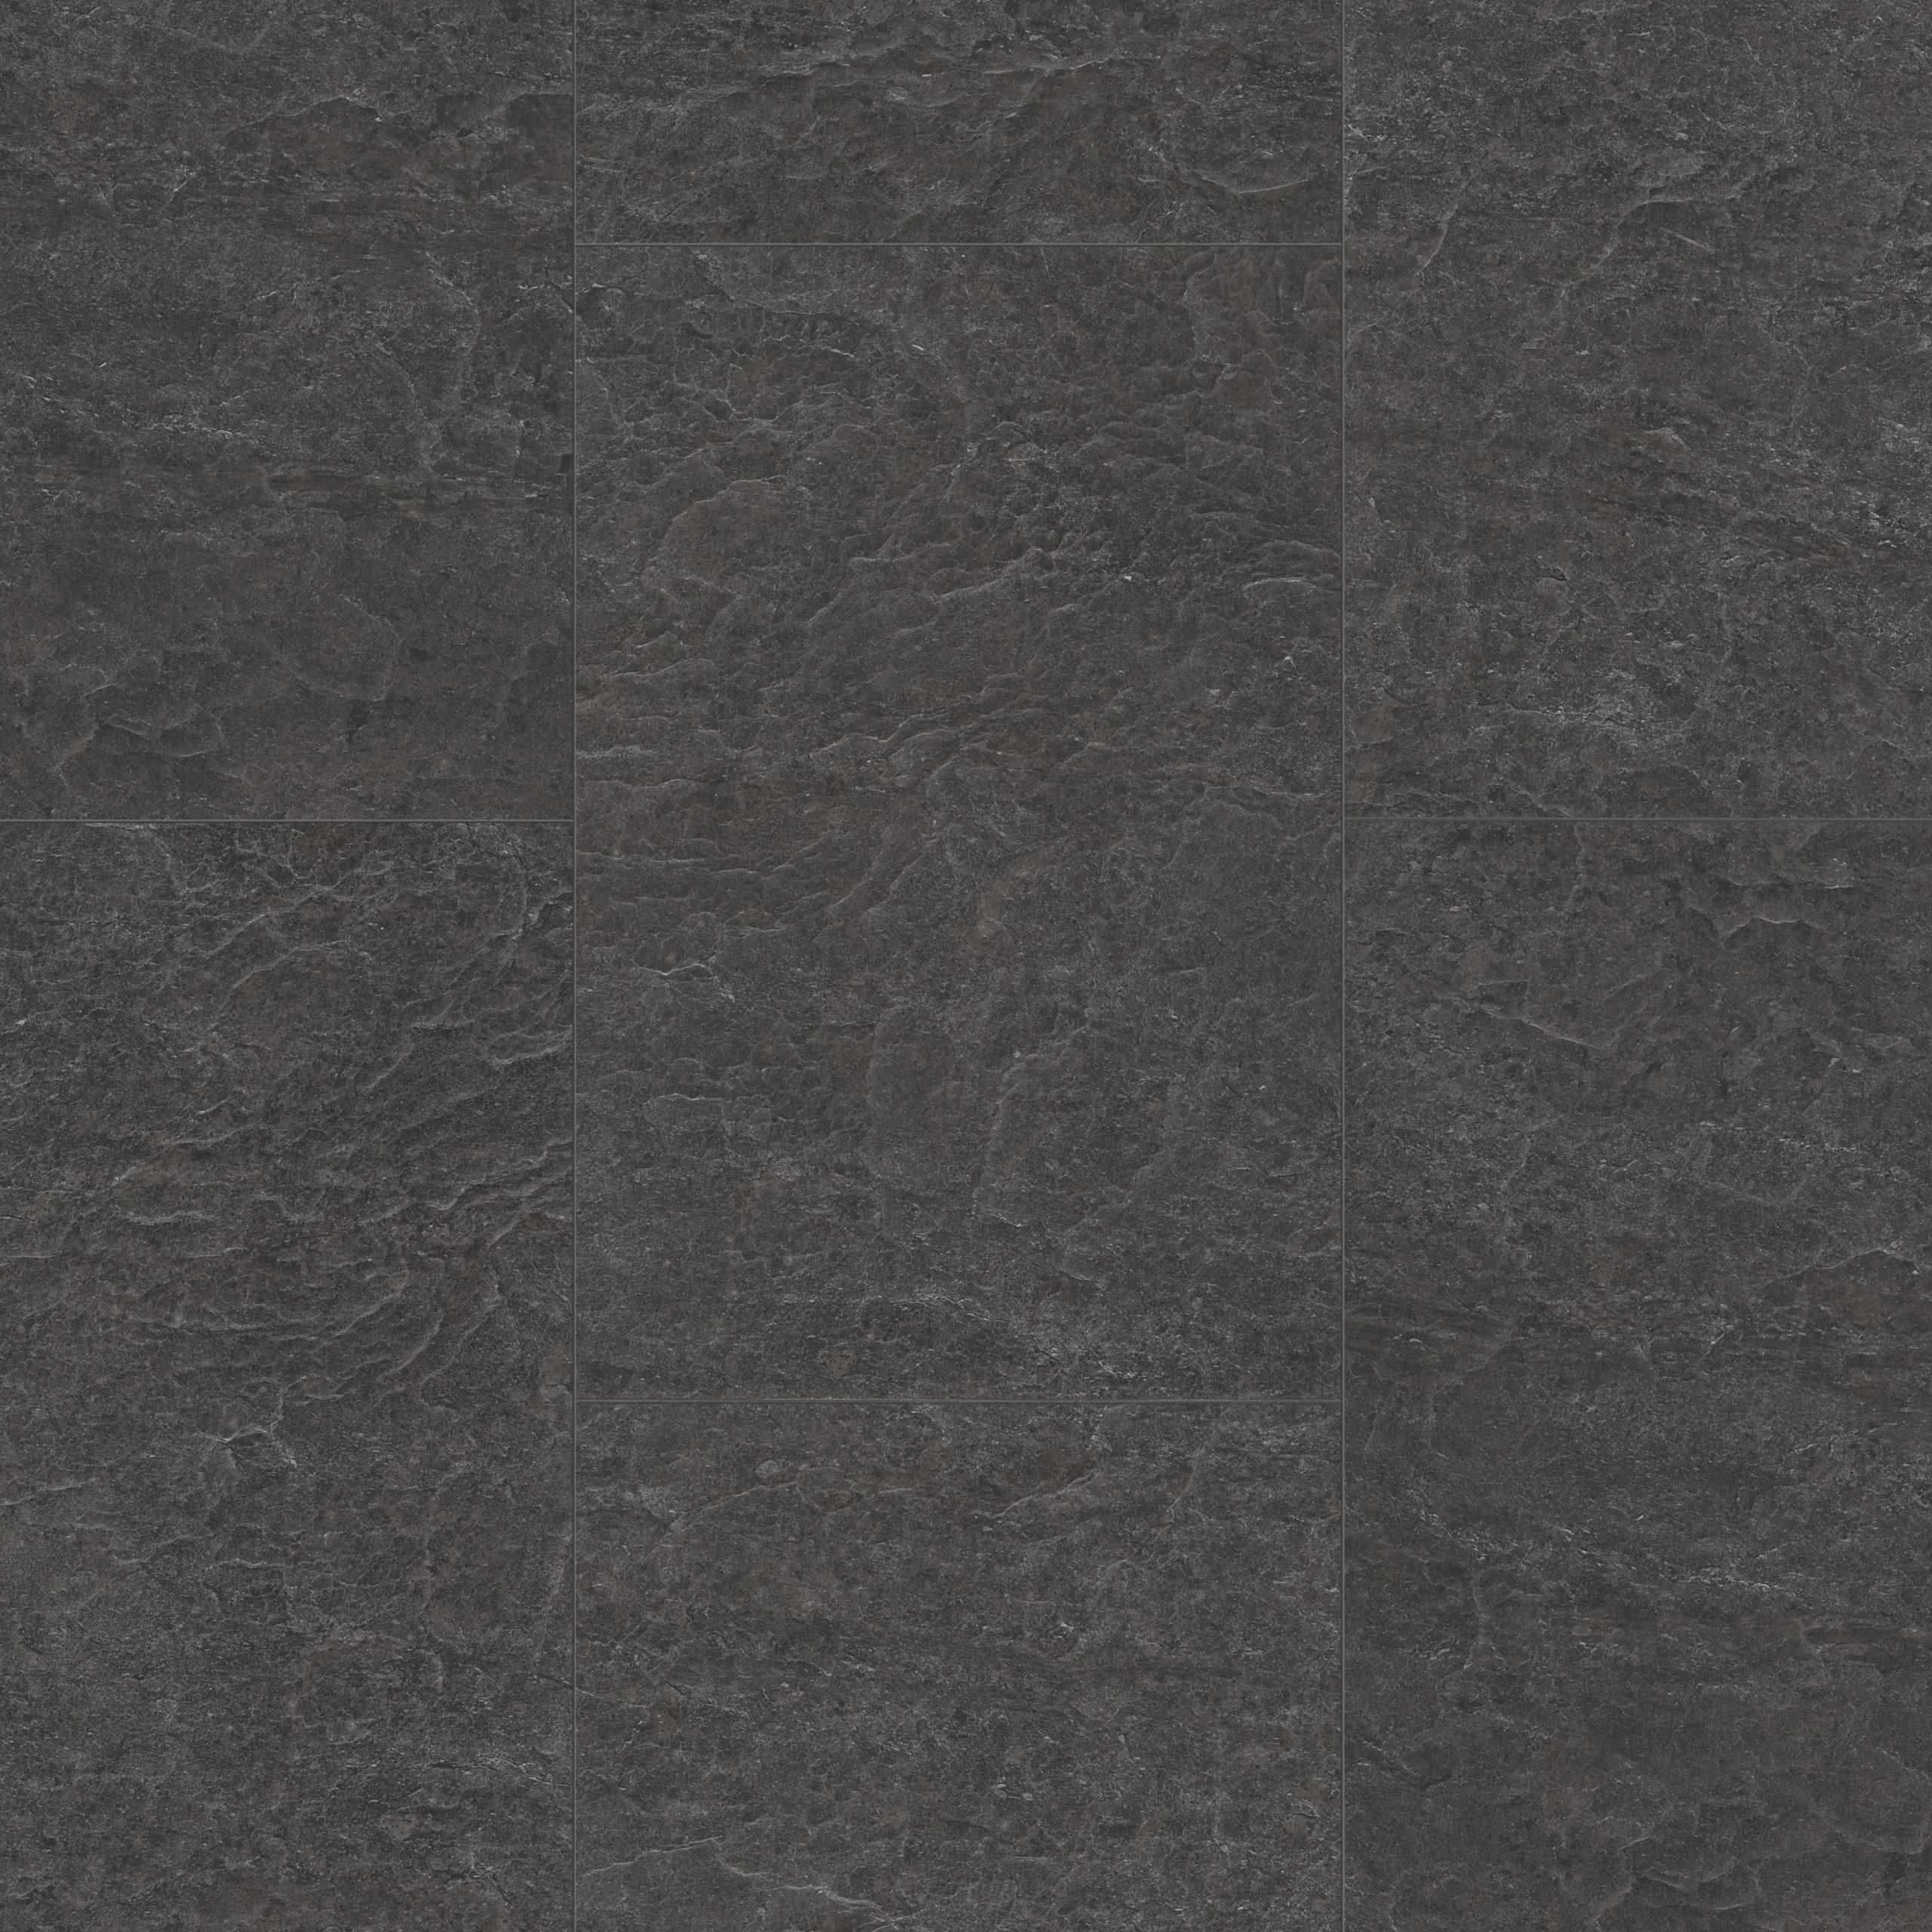 EXQ1551_Topshot-Square HR